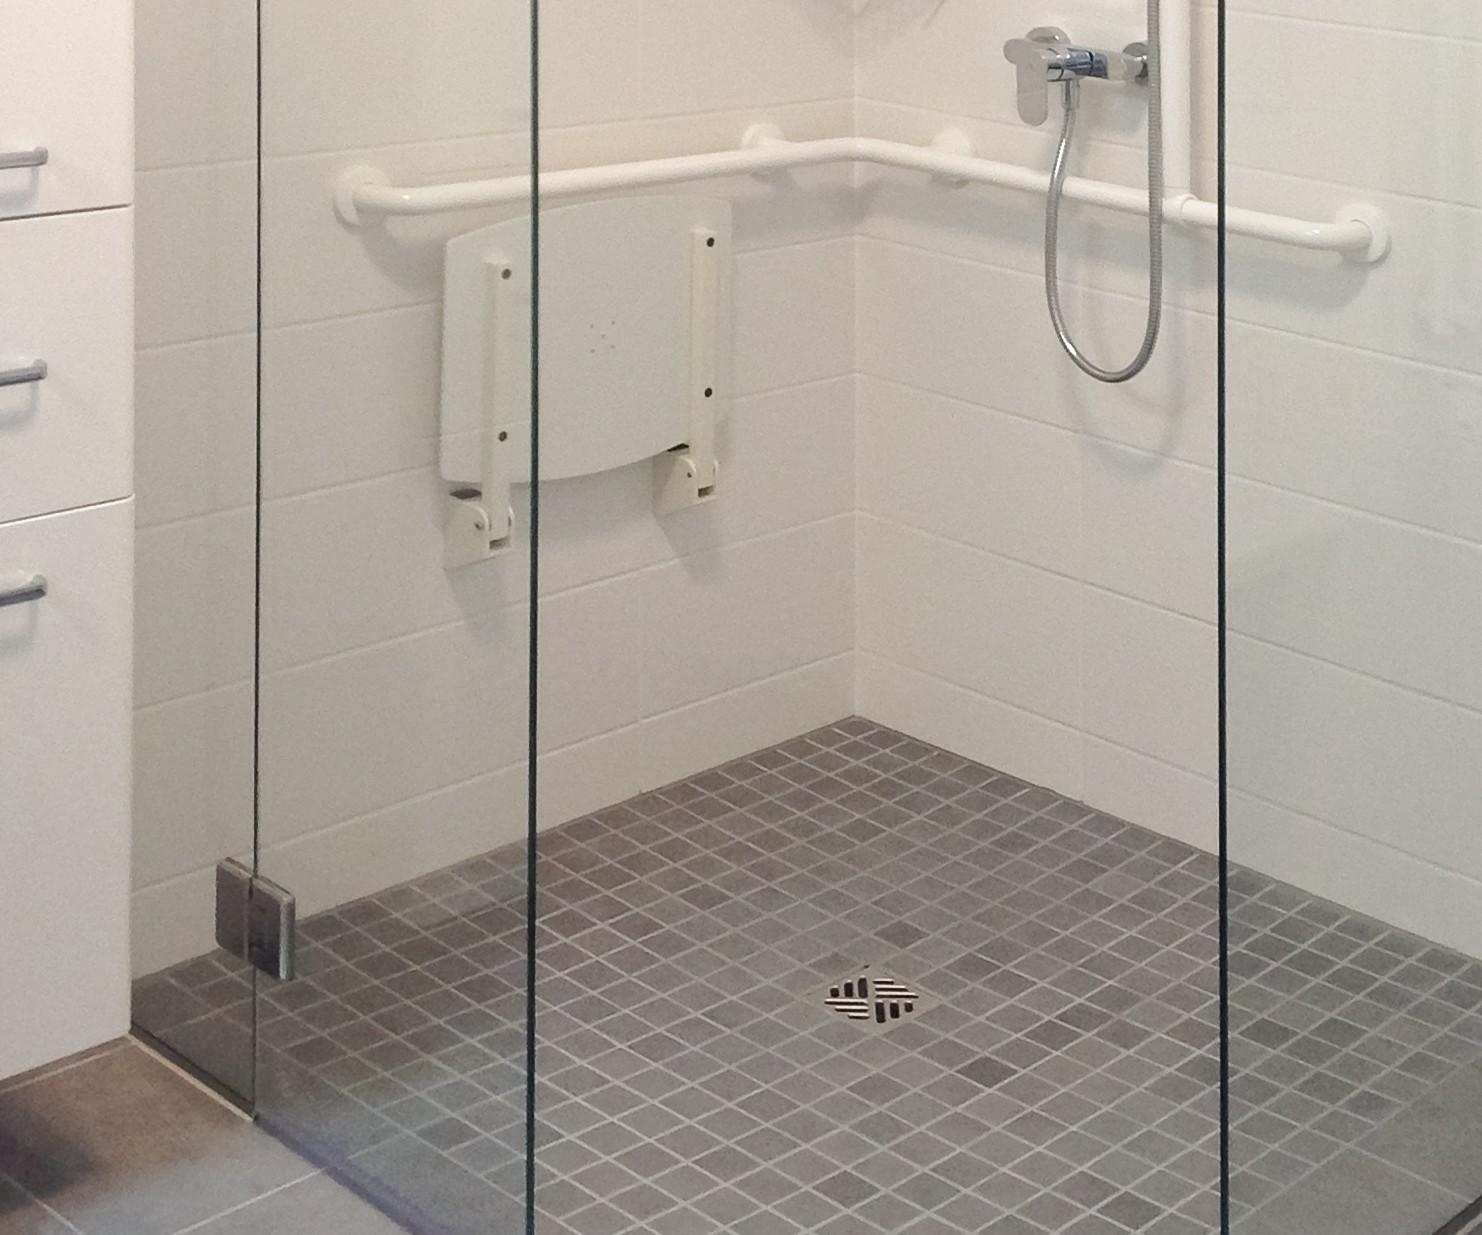 Full Size of Bodengleiche Dusche Duschen Bei Glasprofi24 Kaufen Ebenerdig Sprinz Unterputz Armatur Einbauen Glastür Badewanne Mit Tür Und Wand Mischbatterie Nischentür Dusche Bodengleiche Dusche